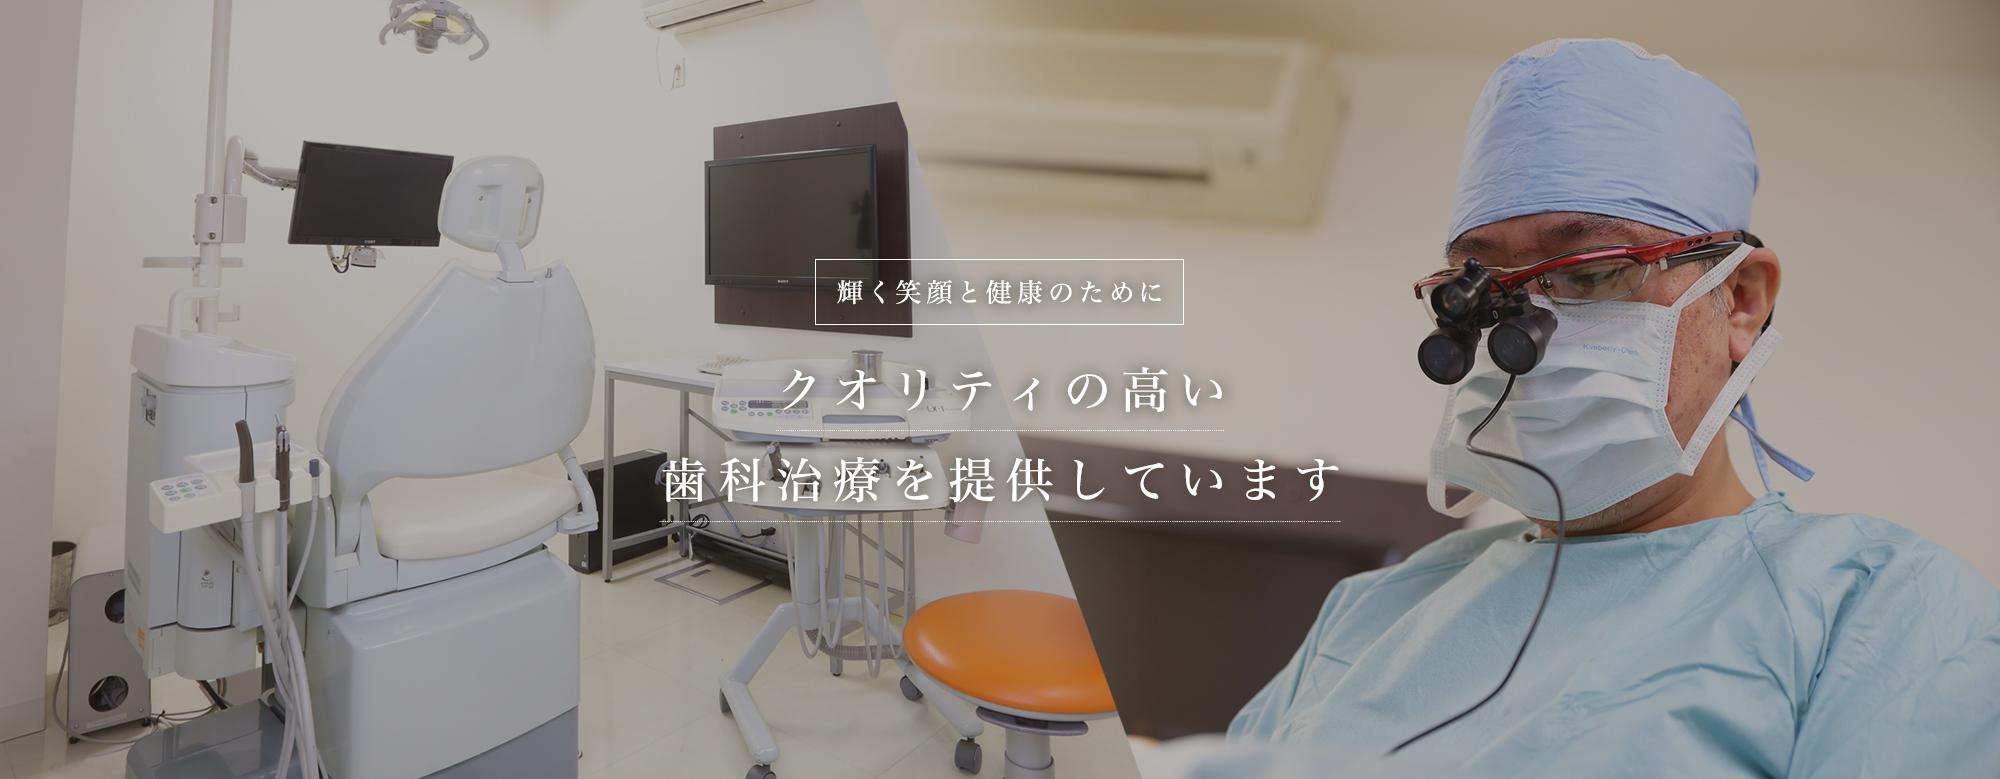 クオリティの高い歯科治療を提供しています